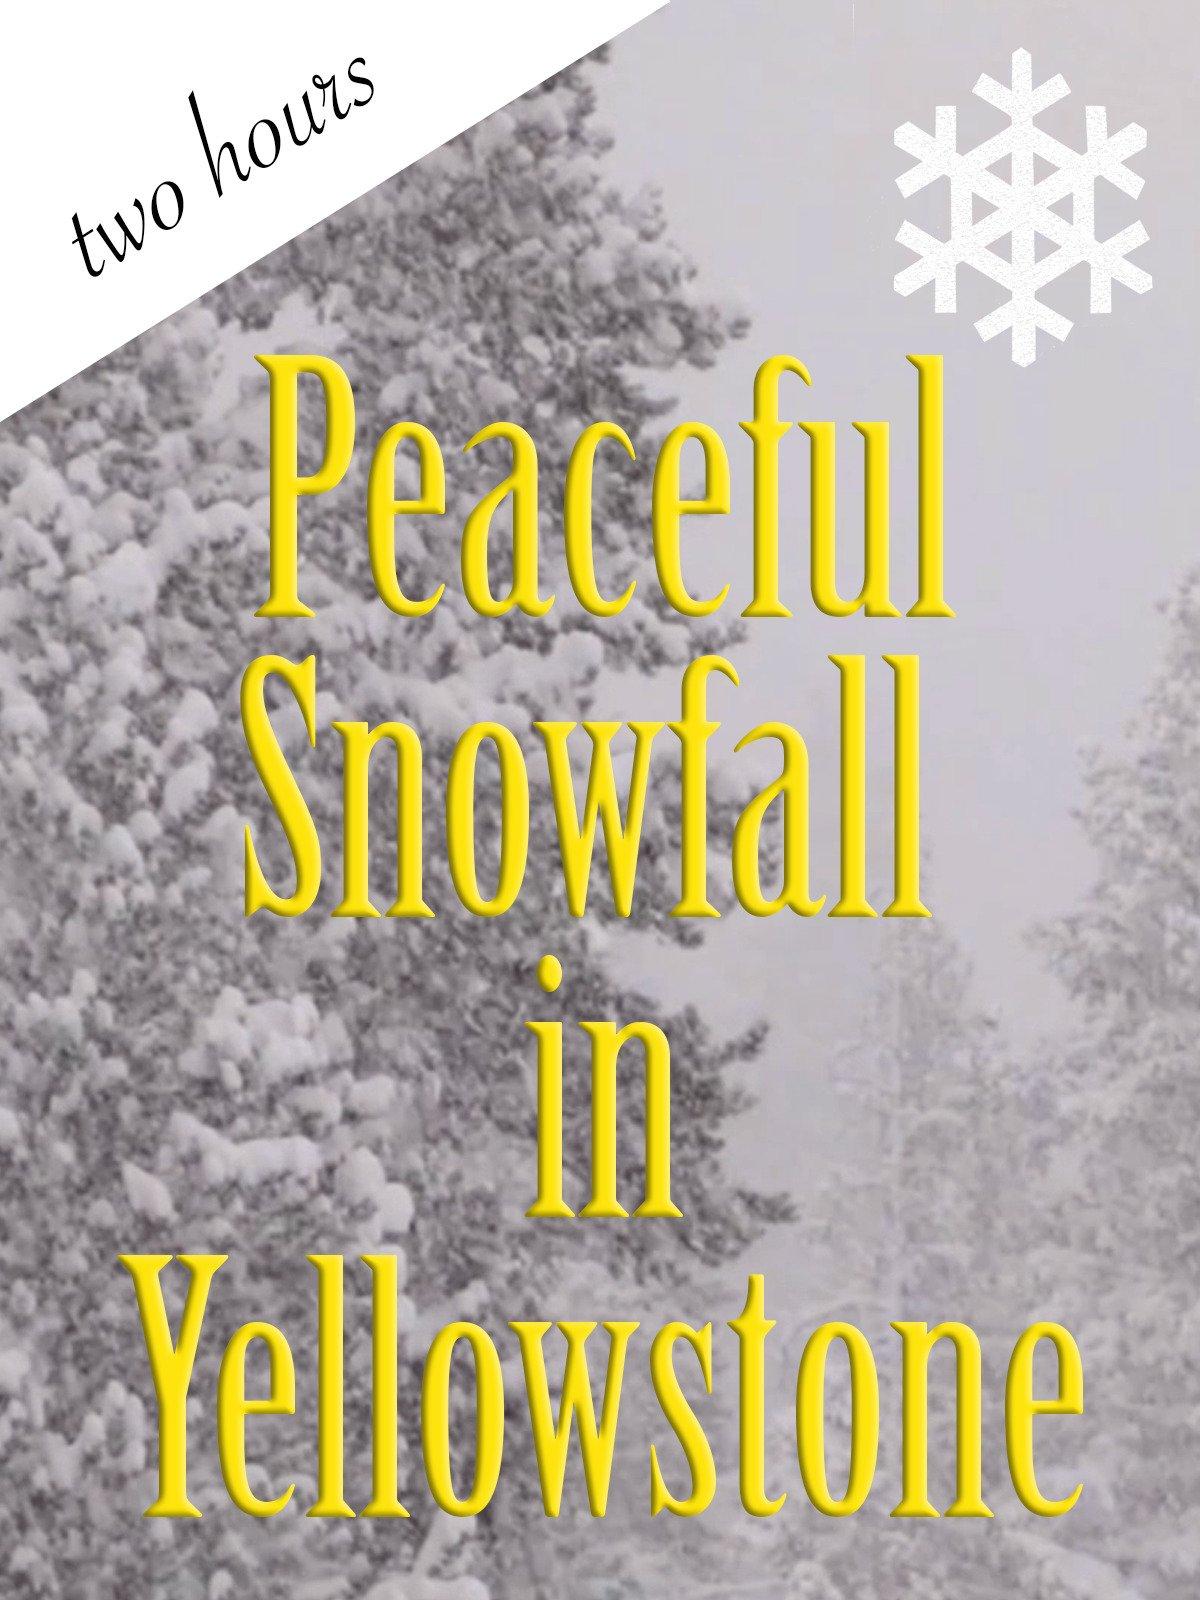 Peaceful Snowfall in Yellowstone